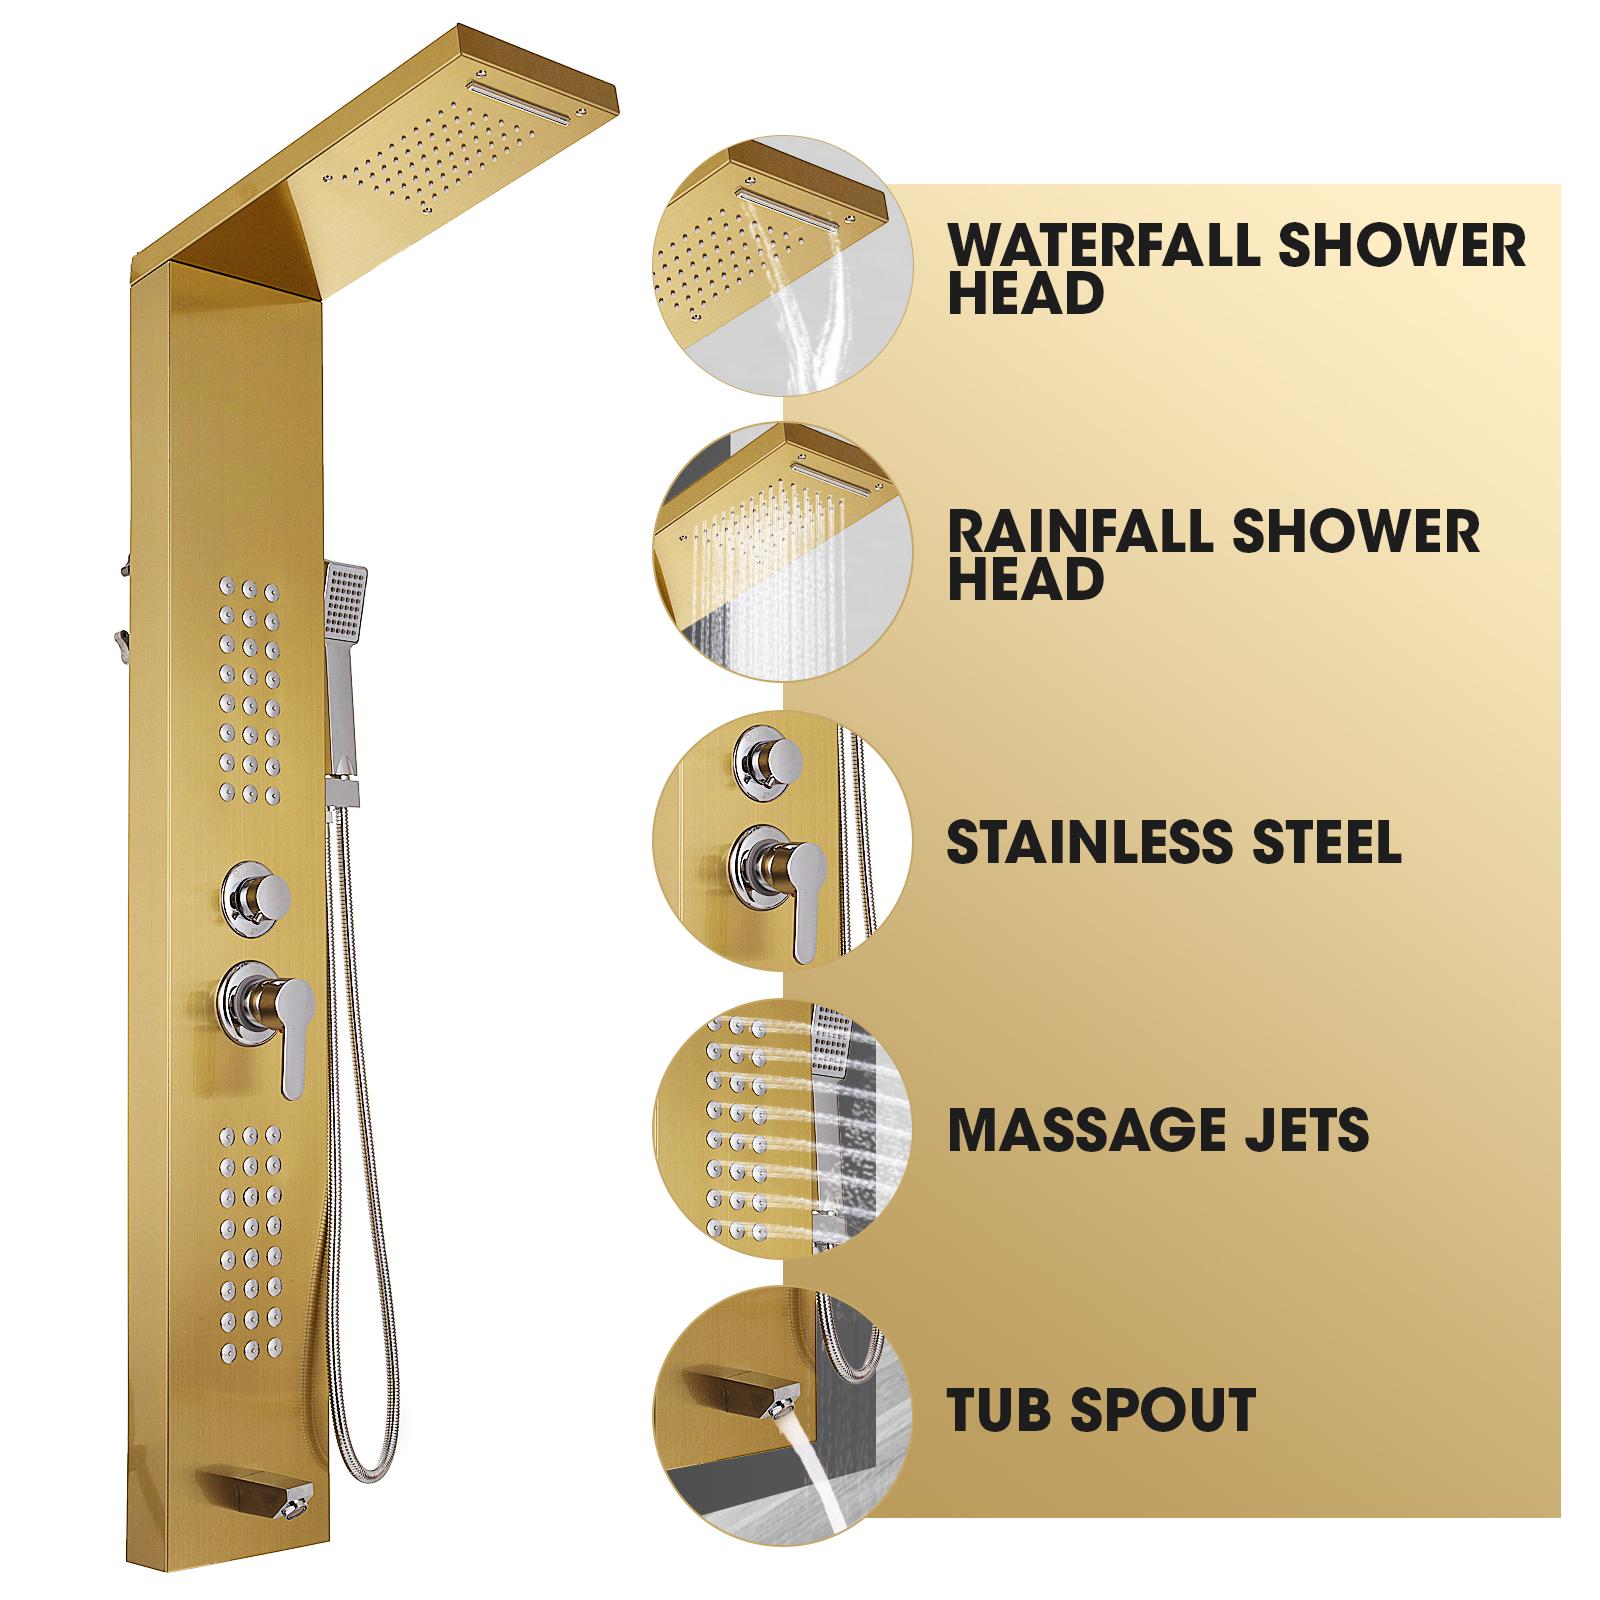 Pannello-doccia-idromassaggio-colonna-in-acciaio-inossidabile-con-miscelatore miniatura 90